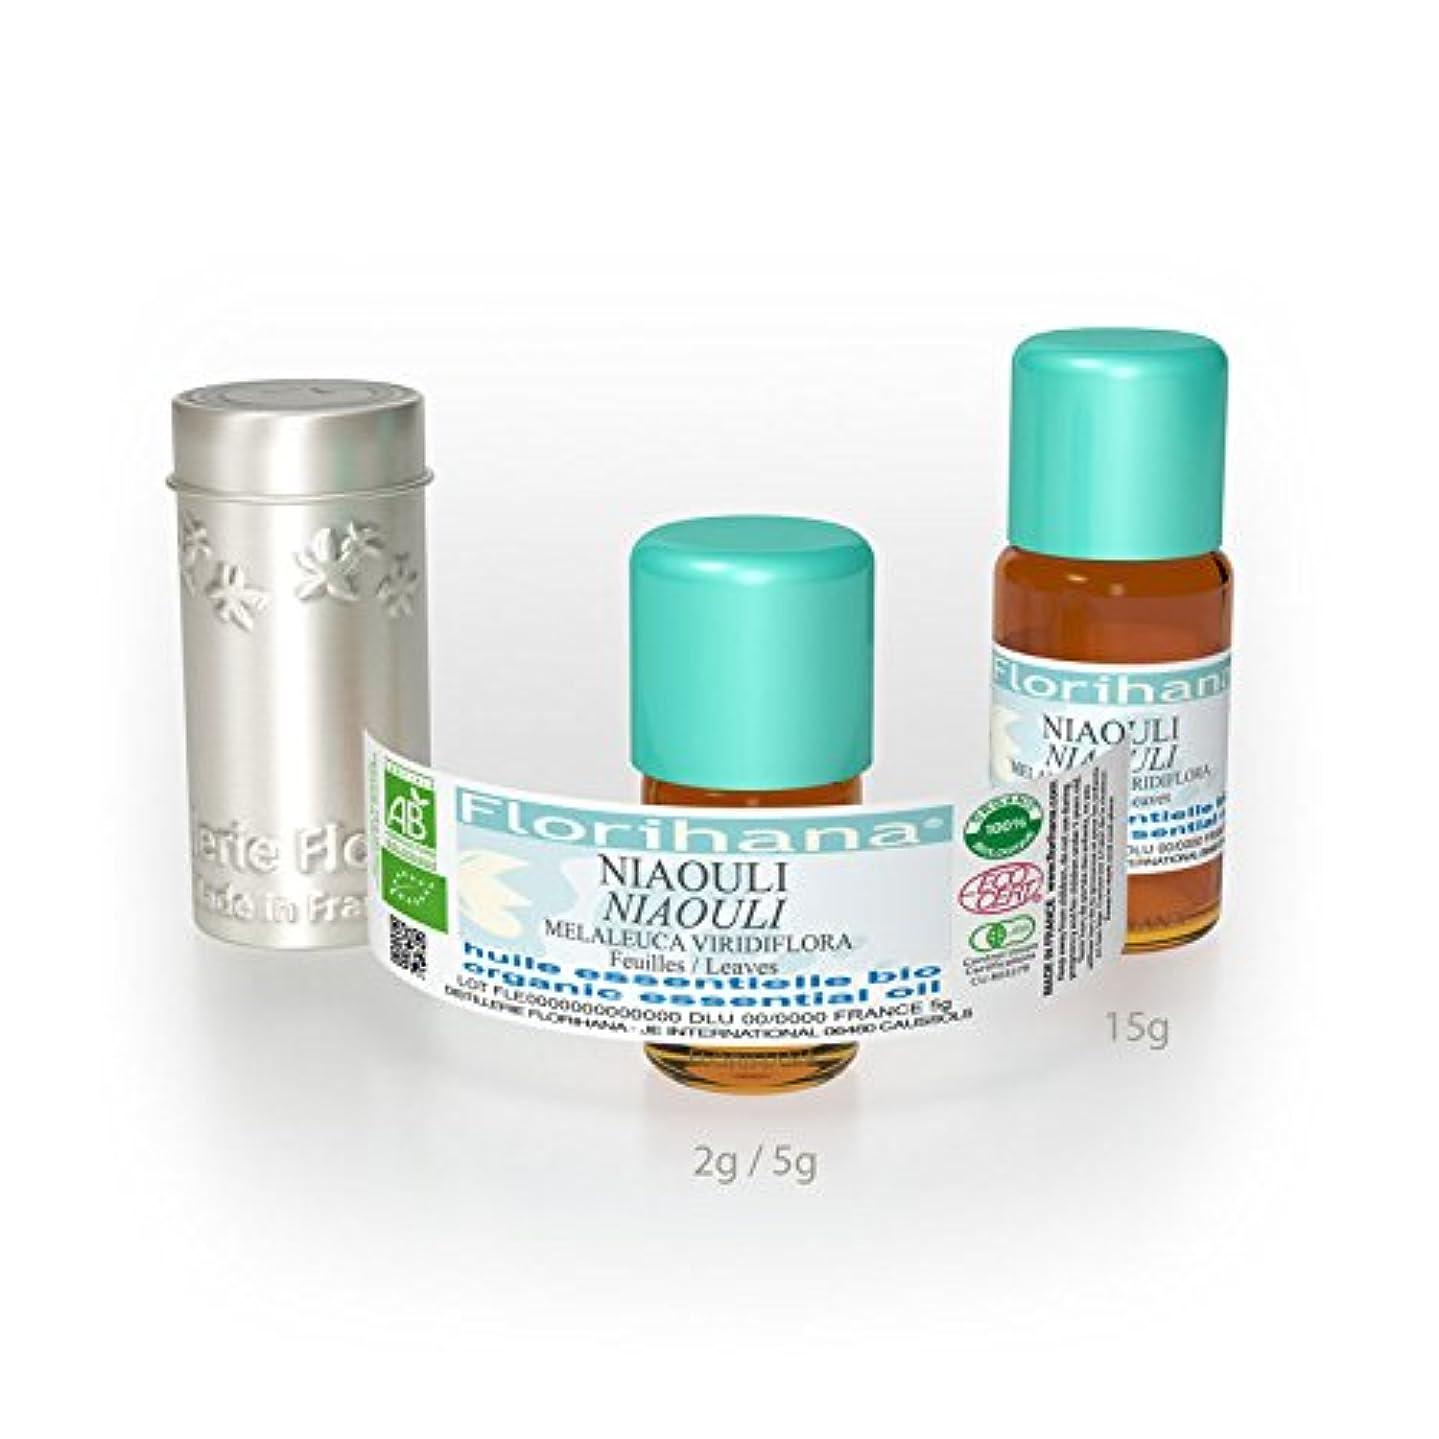 学んだ起きろ量でオーガニック エッセンシャルオイル ニアウリ 5g(5.5ml)